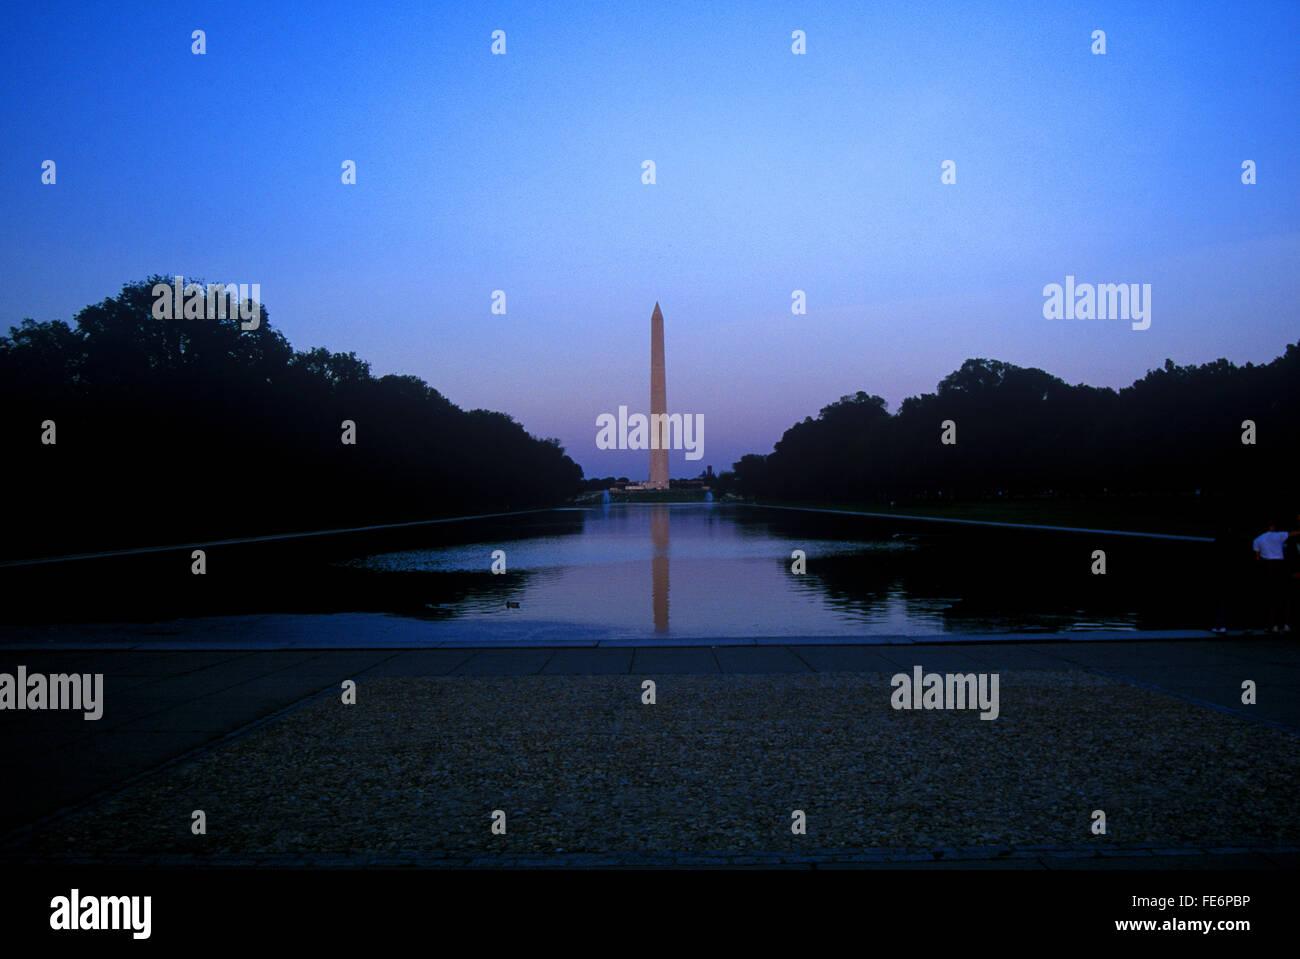 Vue éloignée sur le Washington Monument contre ciel clair au crépuscule Banque D'Images